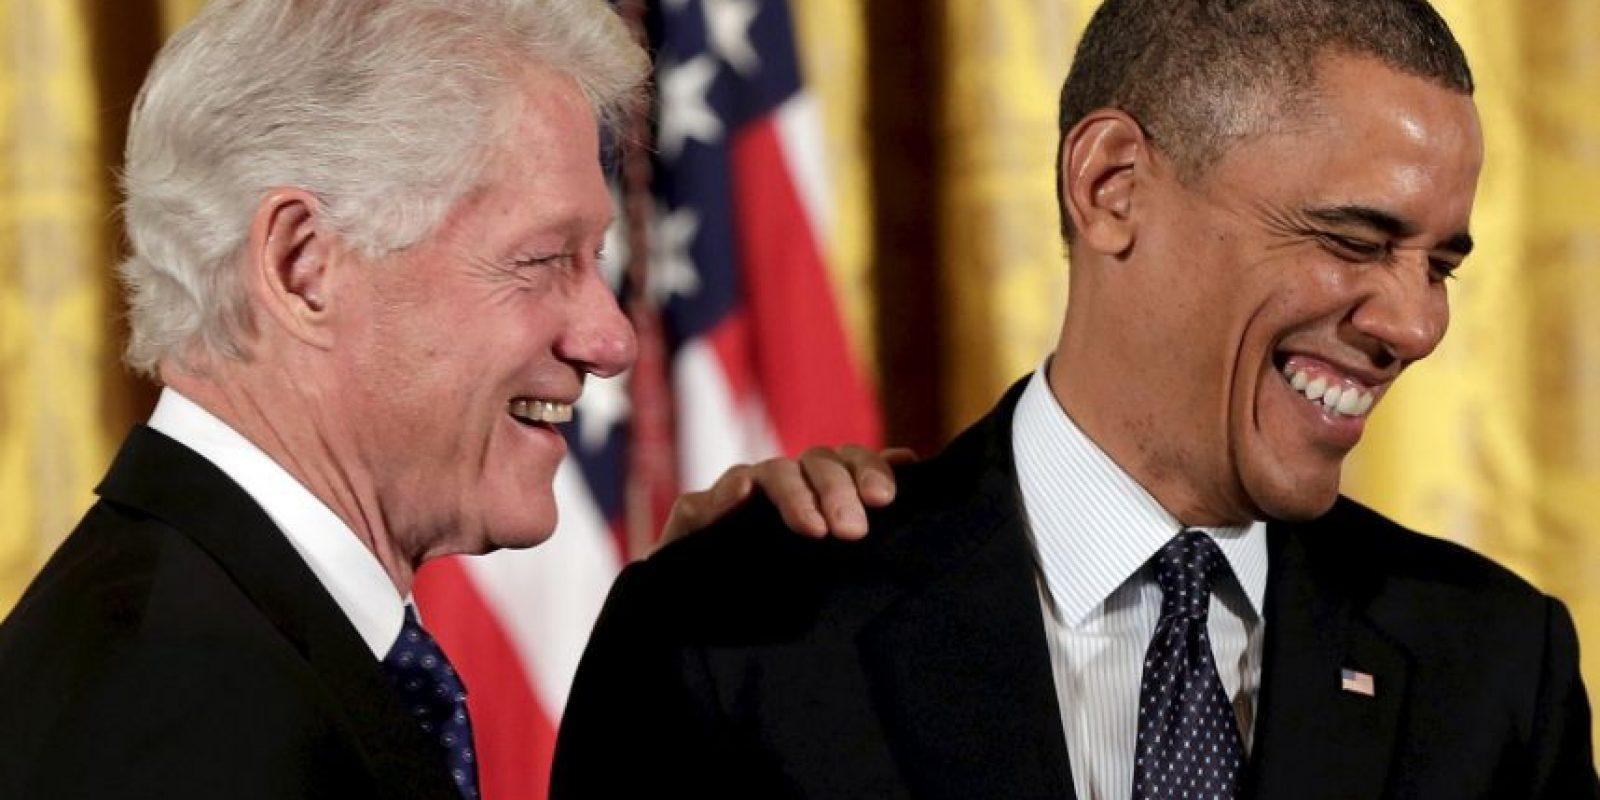 El presidente estadounidense Barack Obama decidió abrir su cuenta oficial de Twitter y una de las personas en darle la bienvenida fue Bill Clinton. Foto:Getty Images